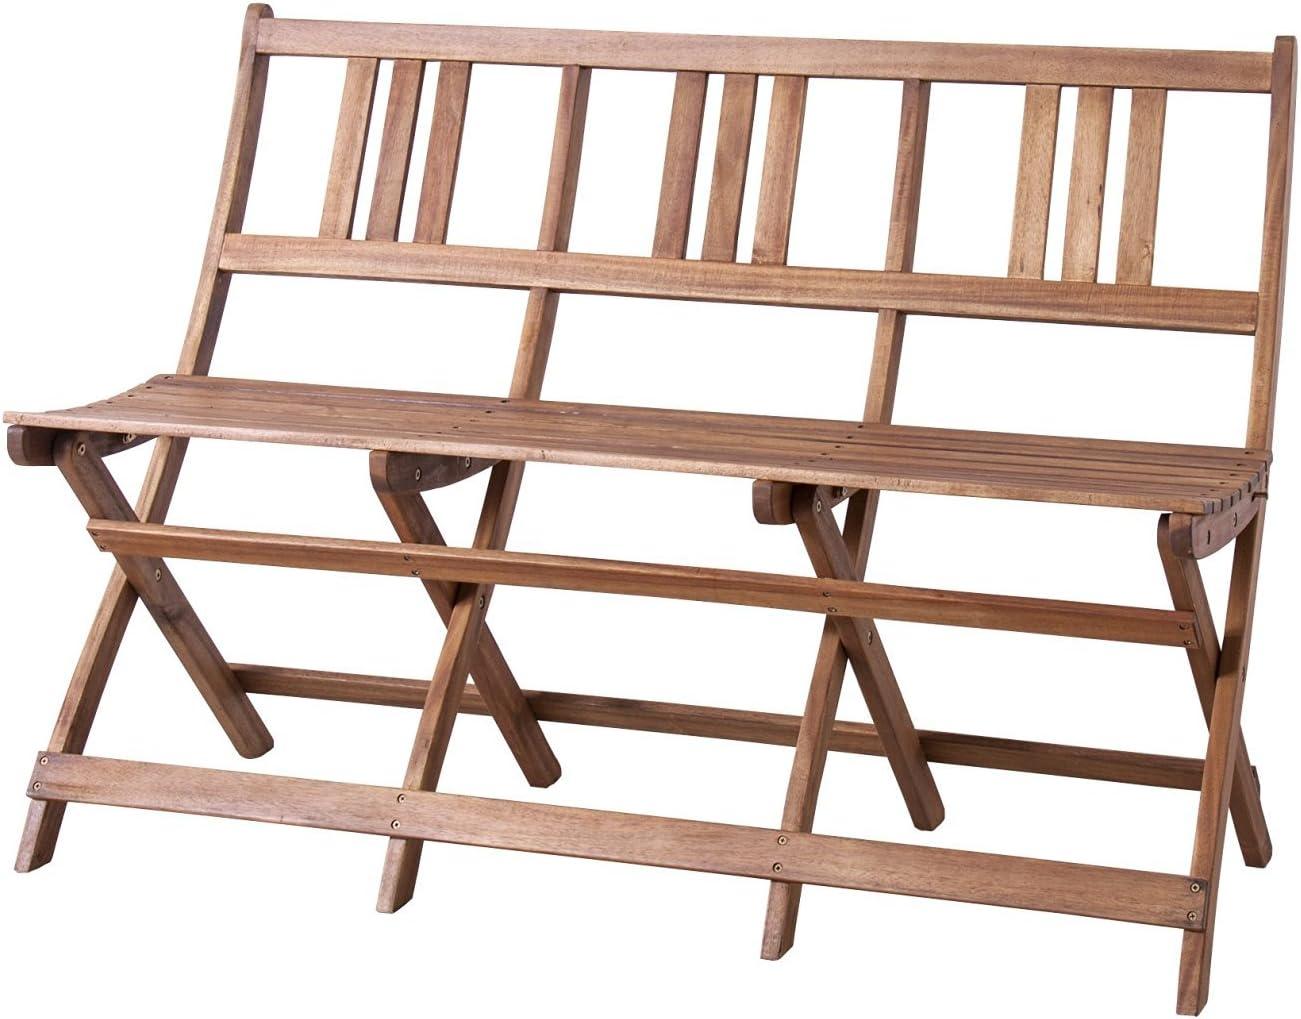 折りたたみ ベンチ 椅子 いす チェアー チェア 天然木 木製 ベランダ テラス ガーデン 庭 バルコニー 折り畳み 折畳み (3人掛け)